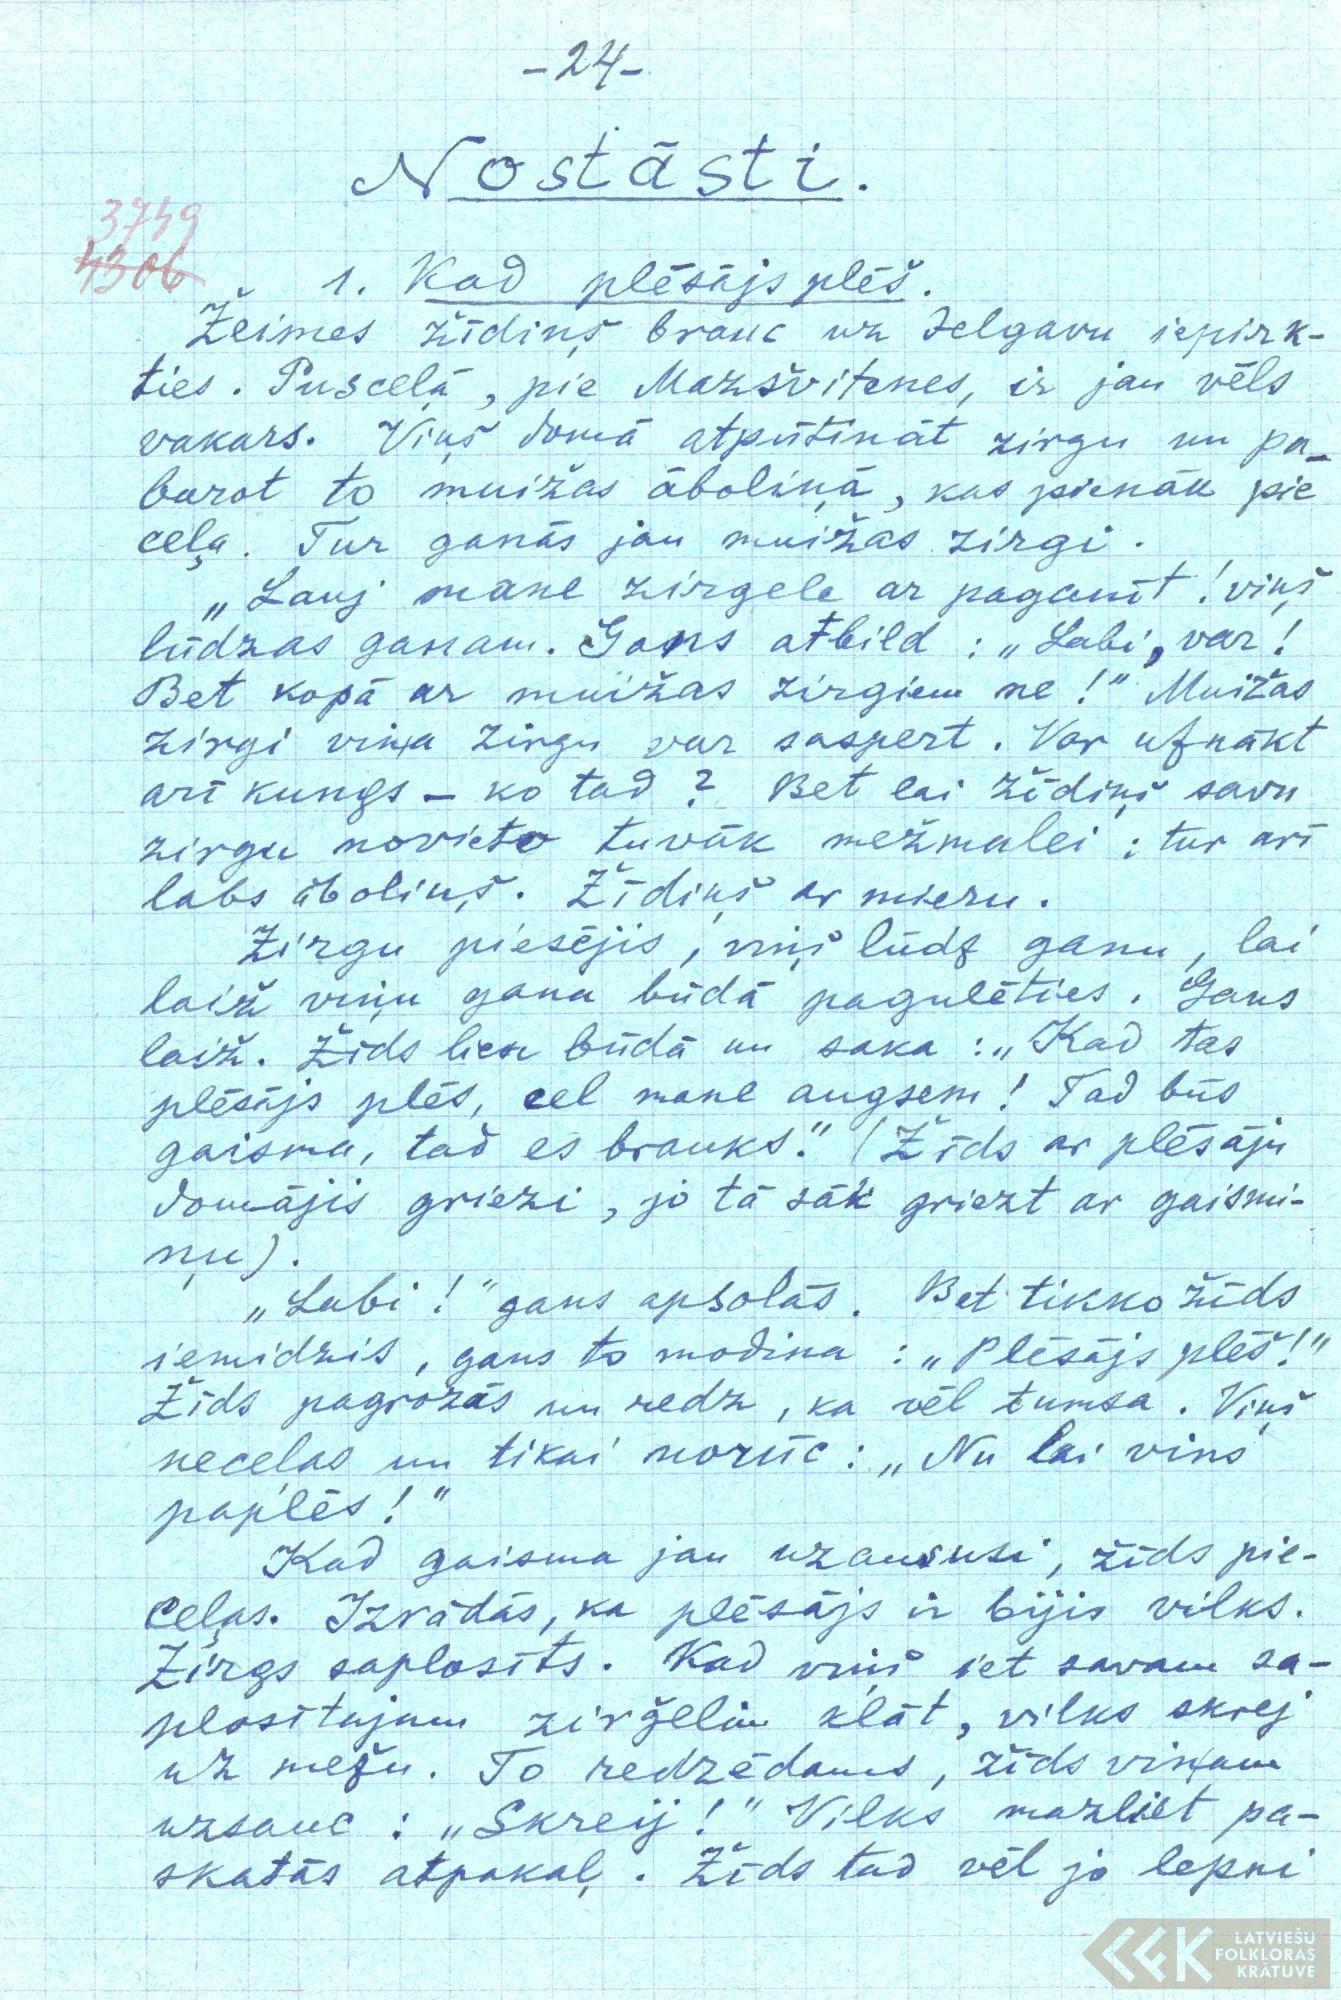 1880-zinatniska-ekspedicija-Bauska-09-0128